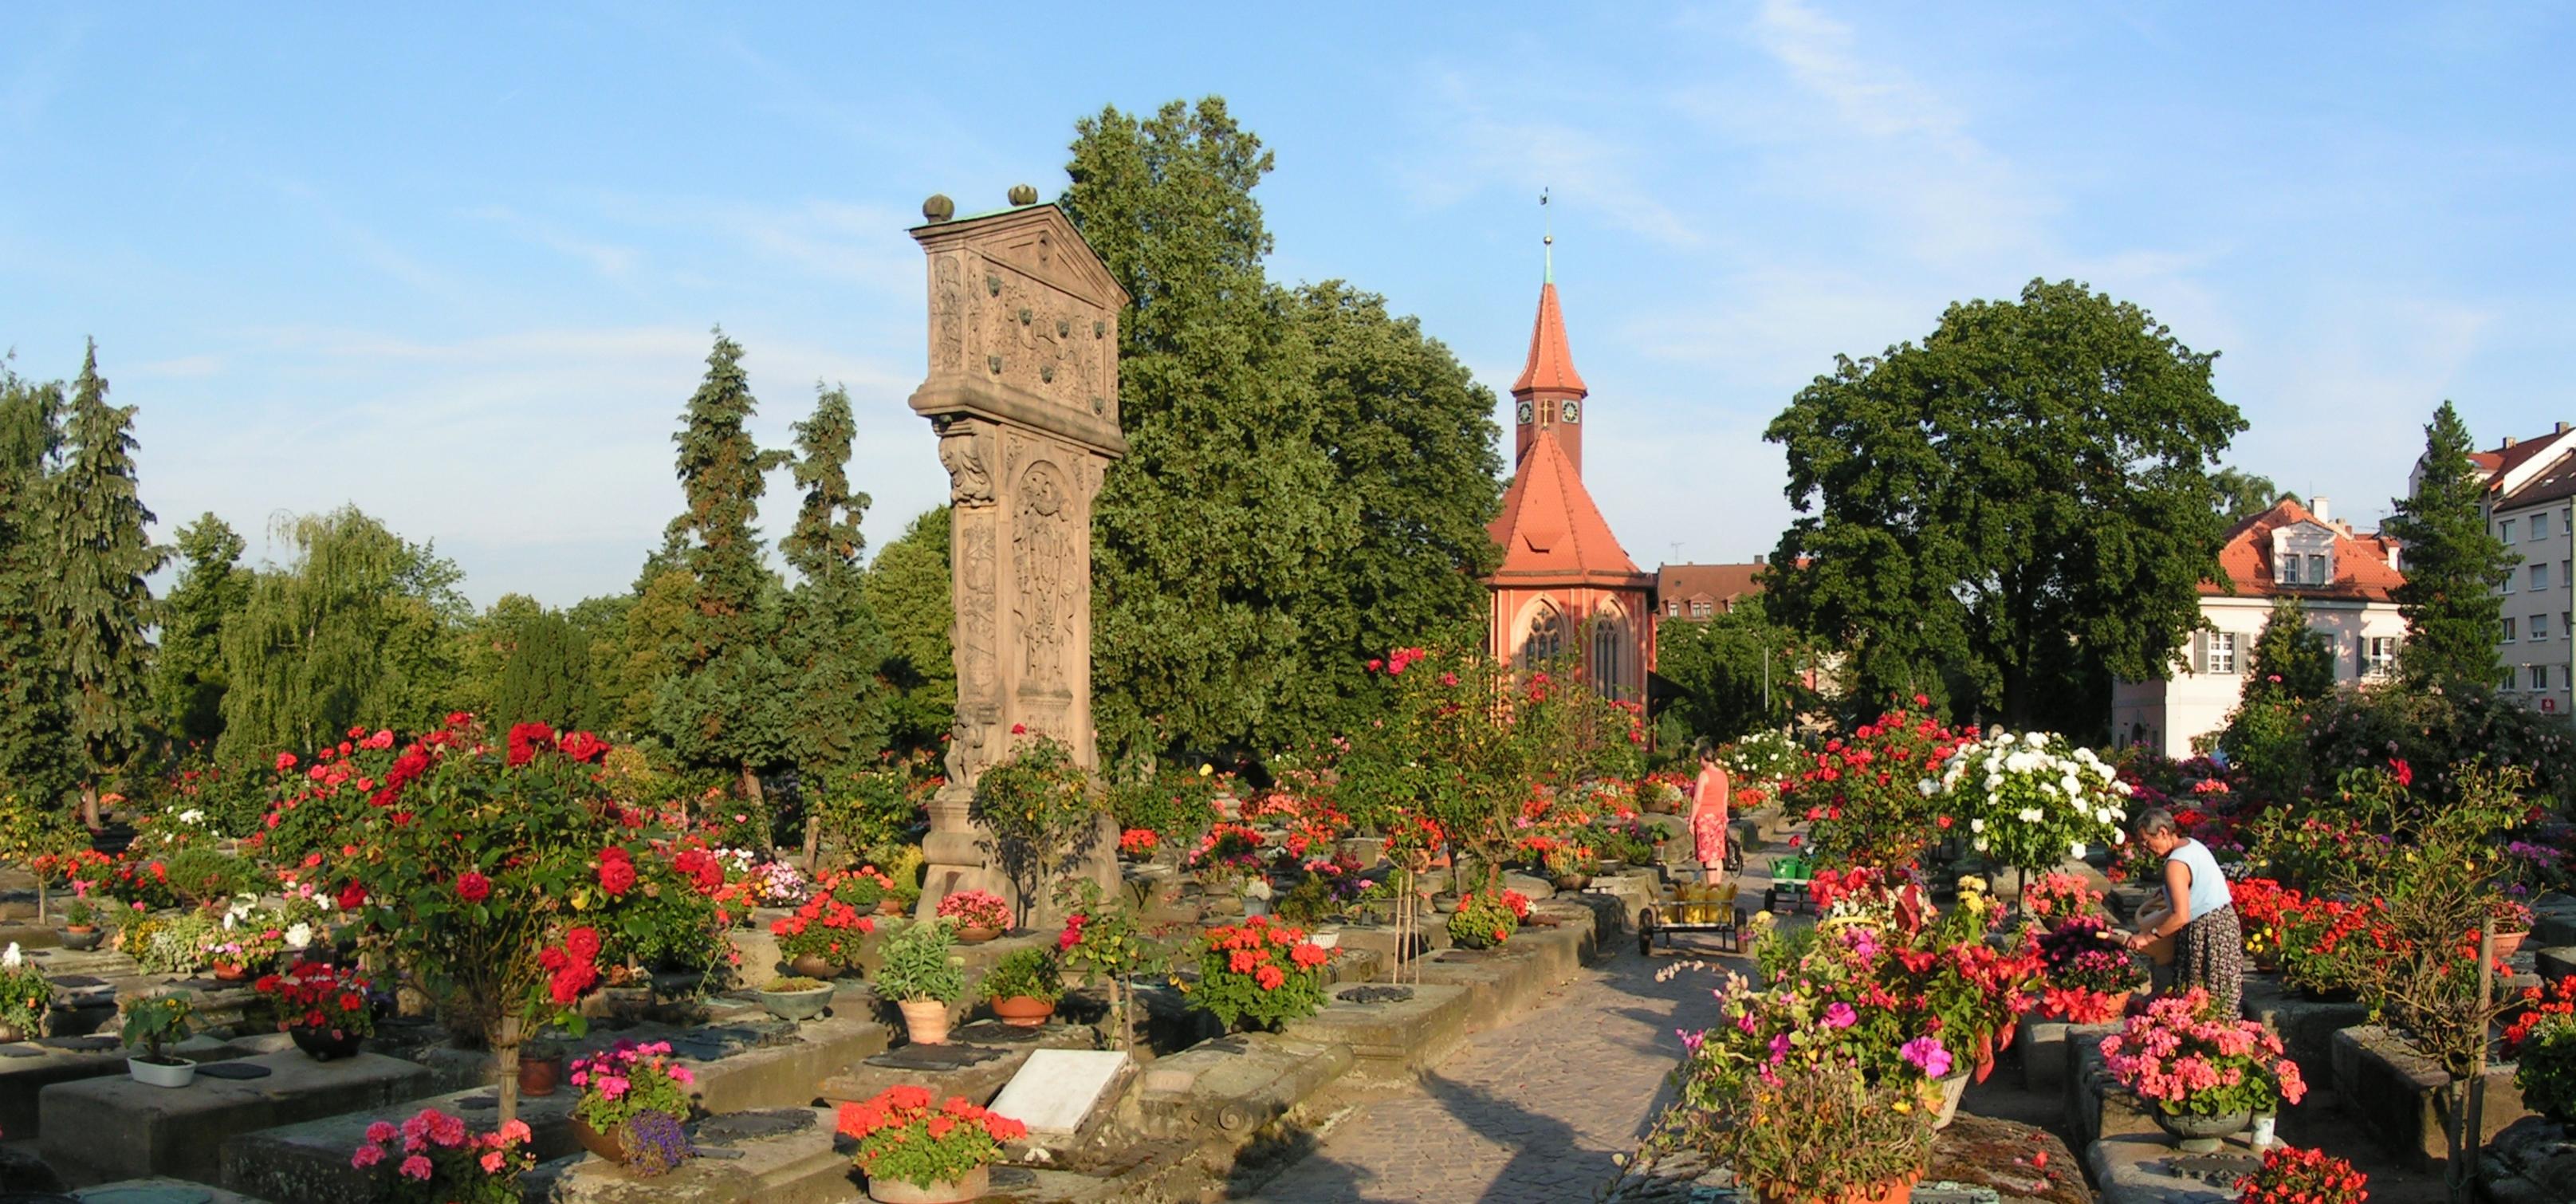 Friedhof in Nürnberg